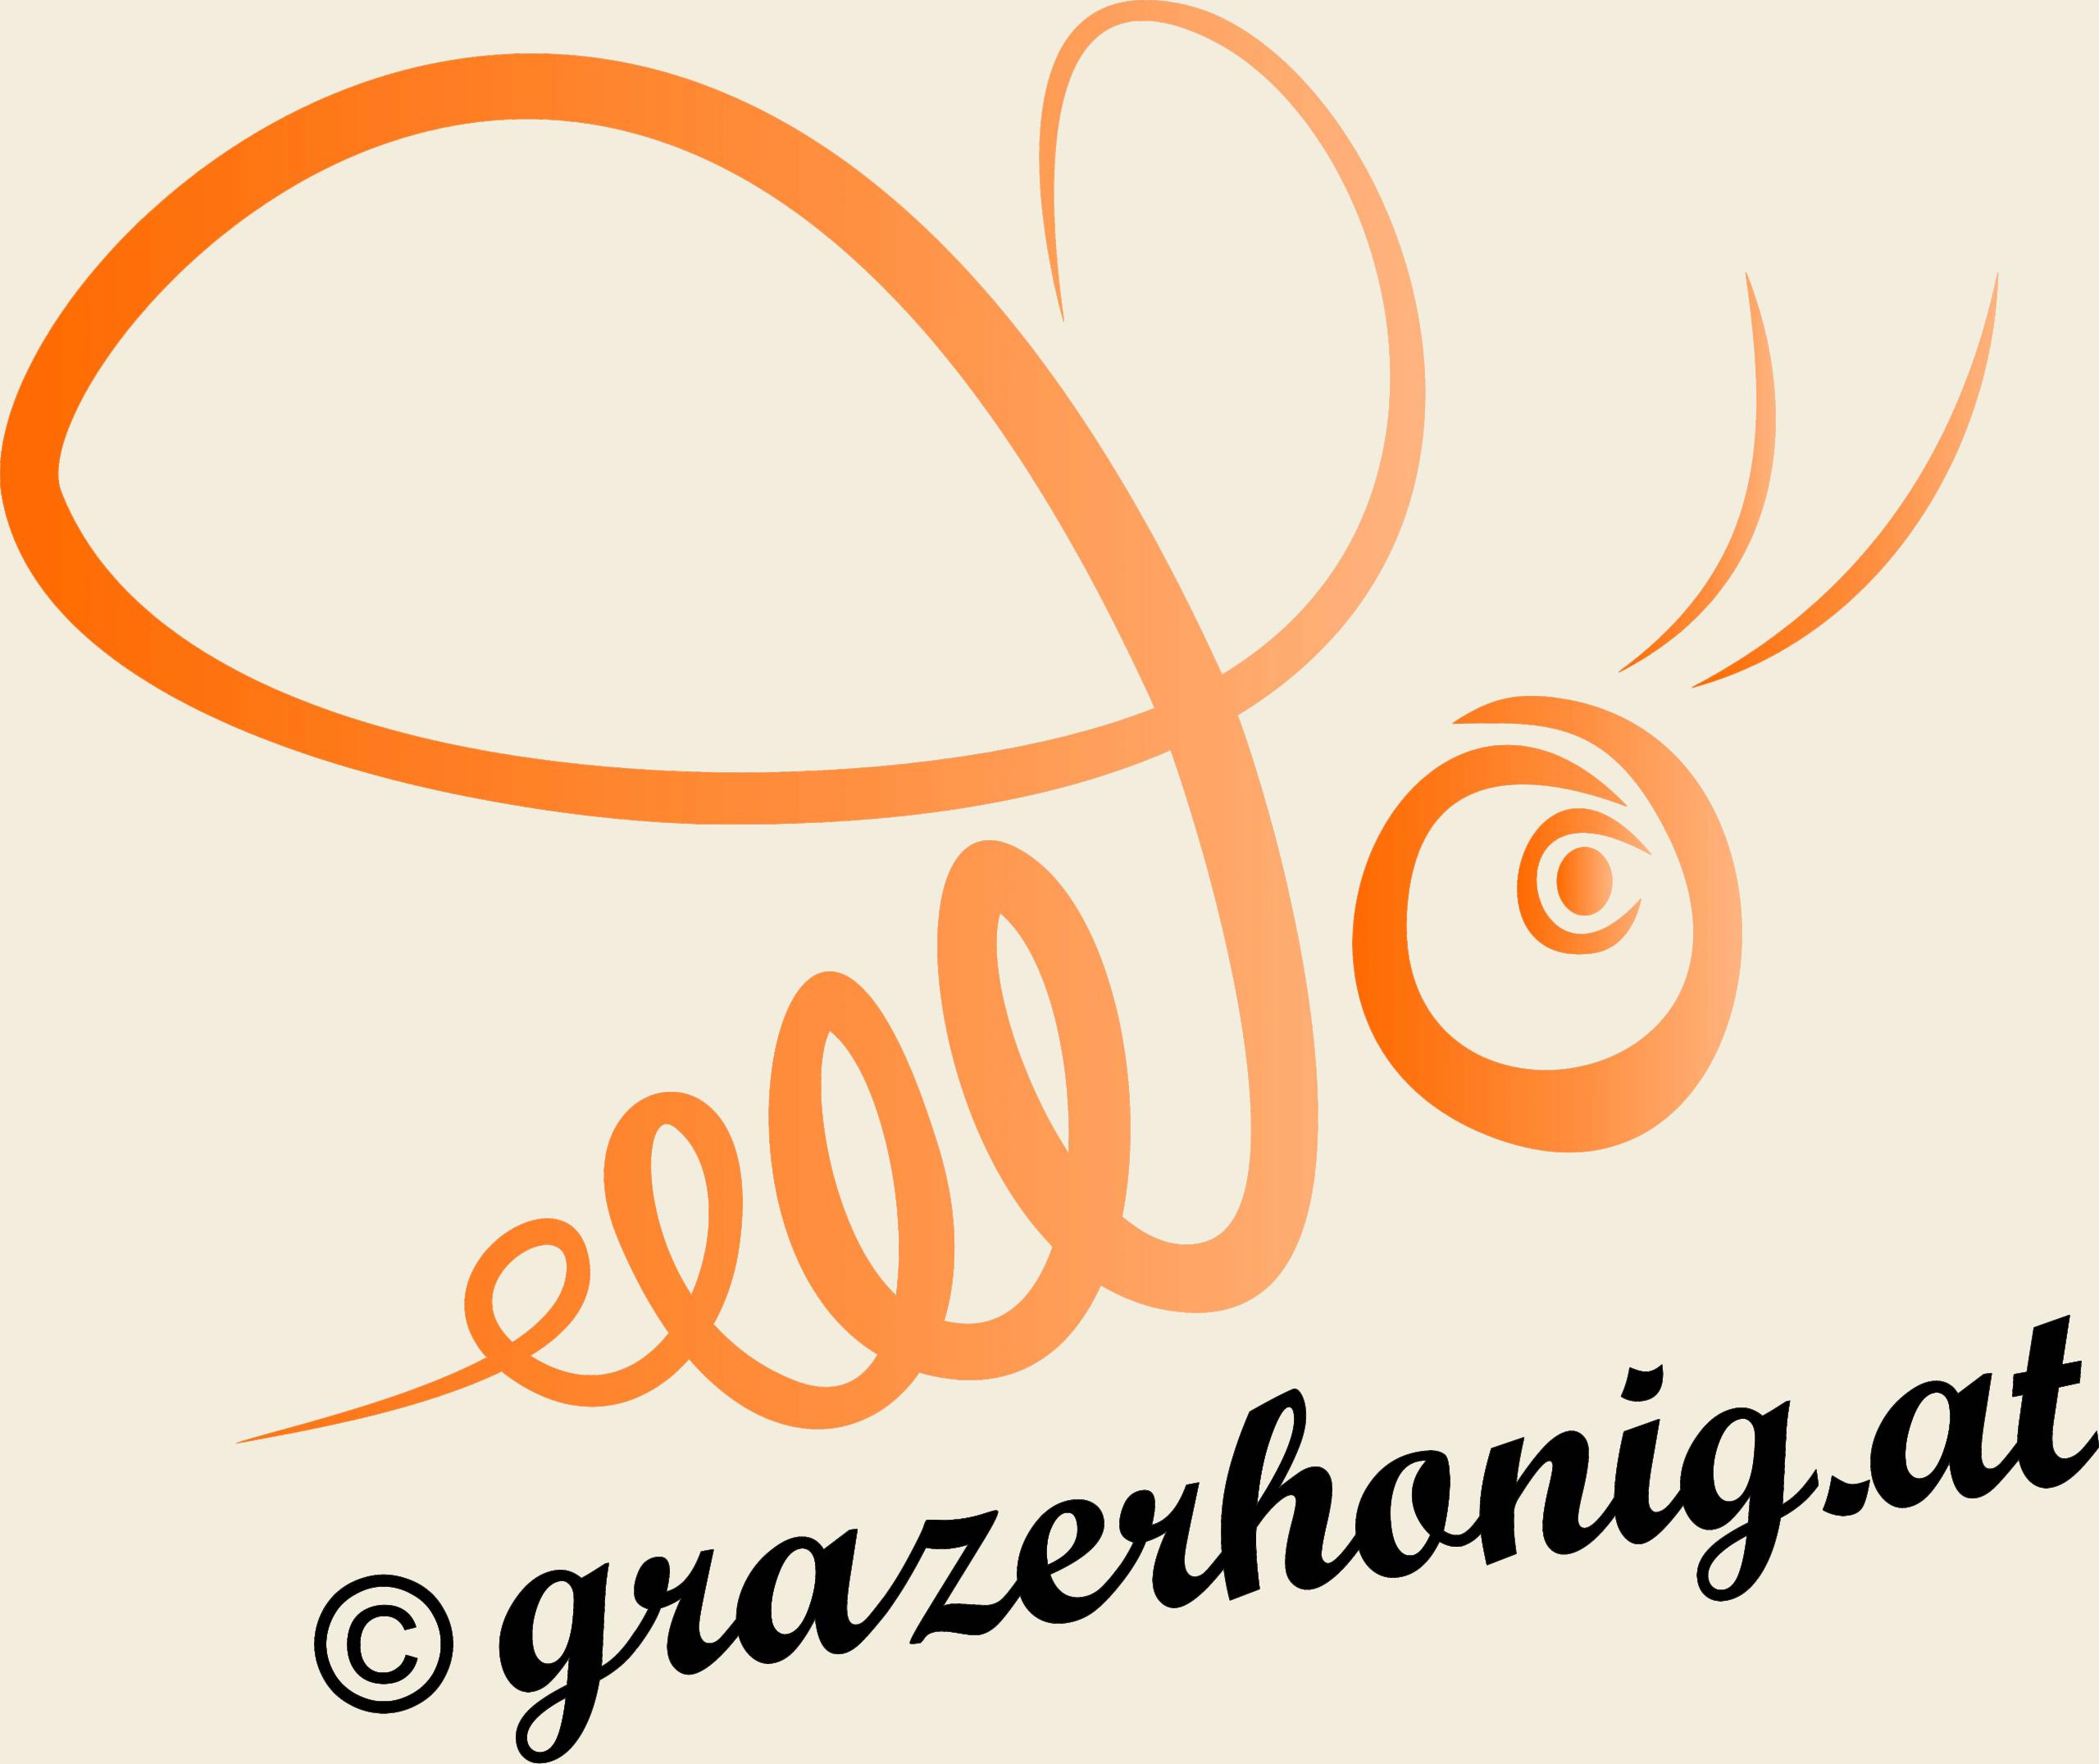 Grazerhonig